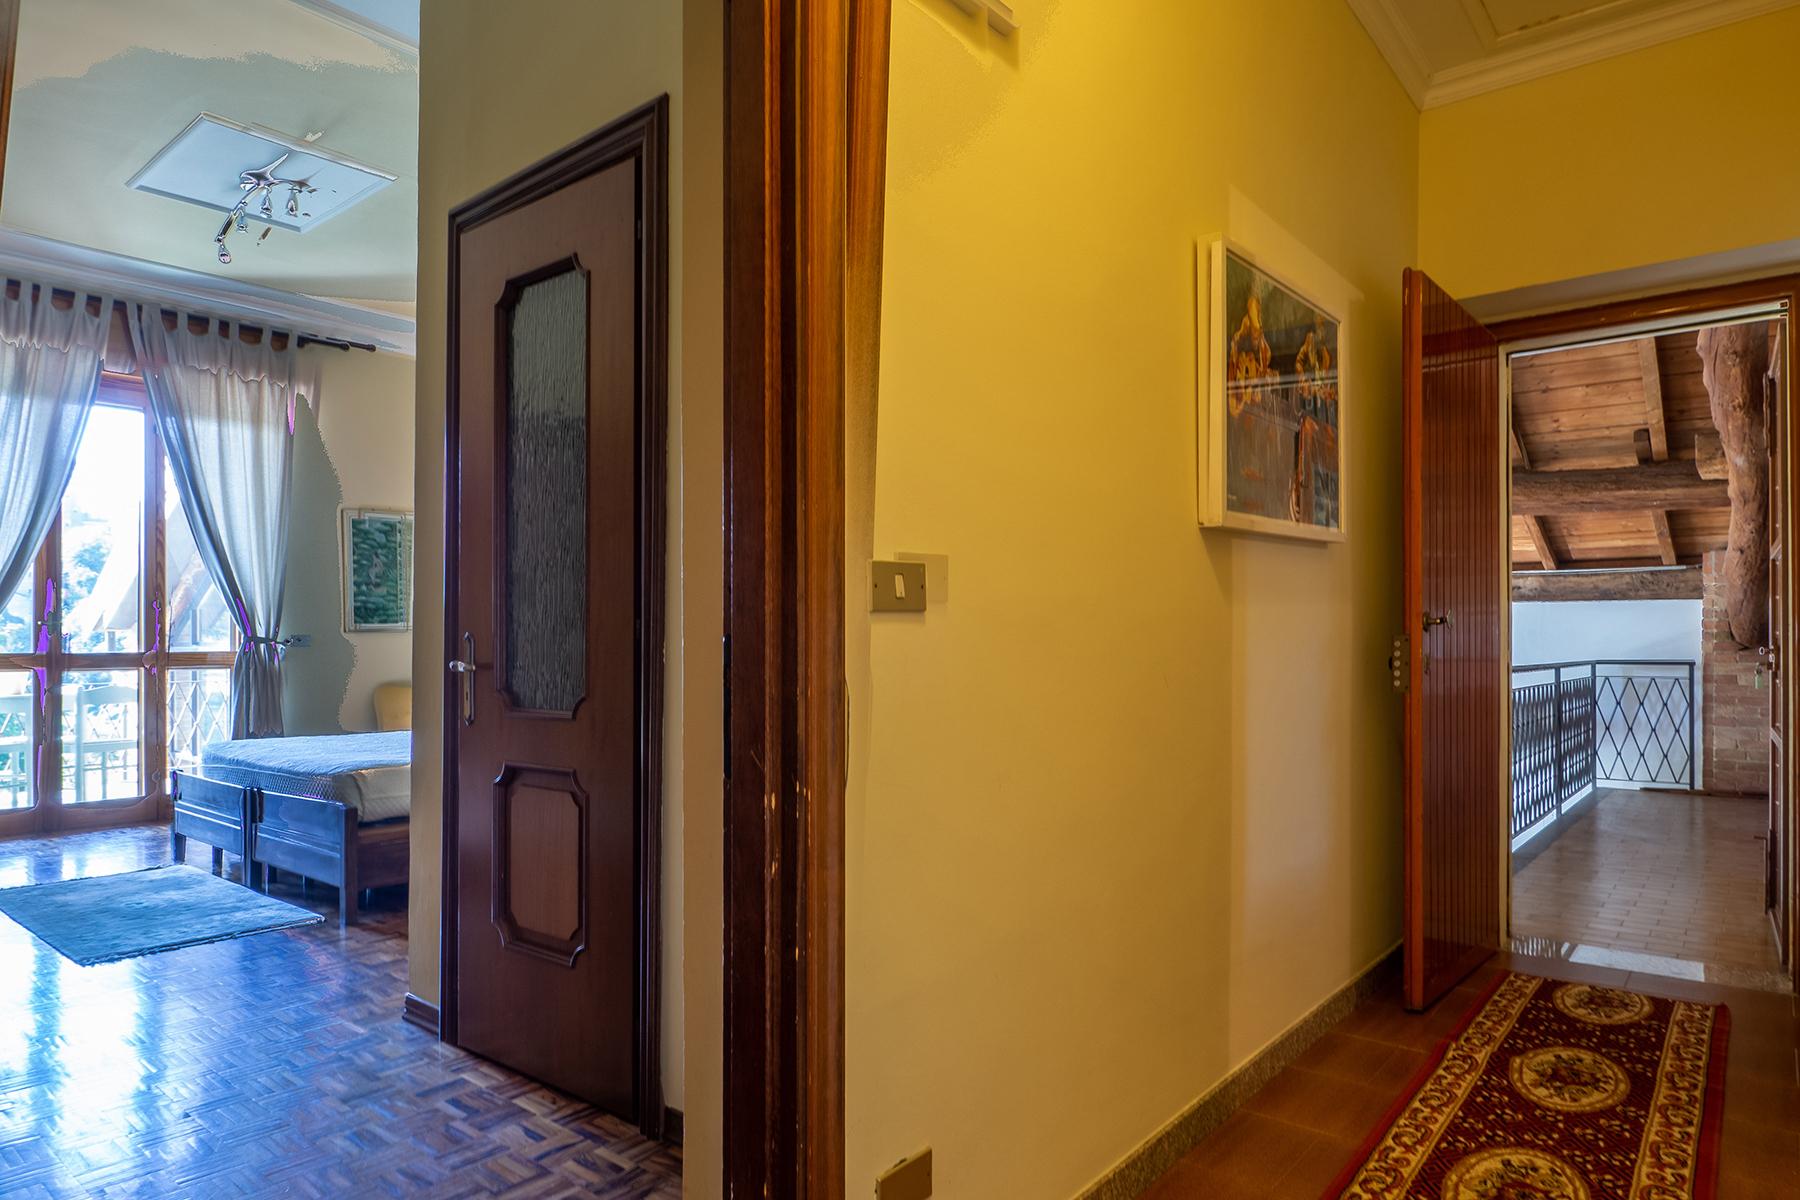 Rustico in Vendita a Sala Monferrato: 5 locali, 1000 mq - Foto 17